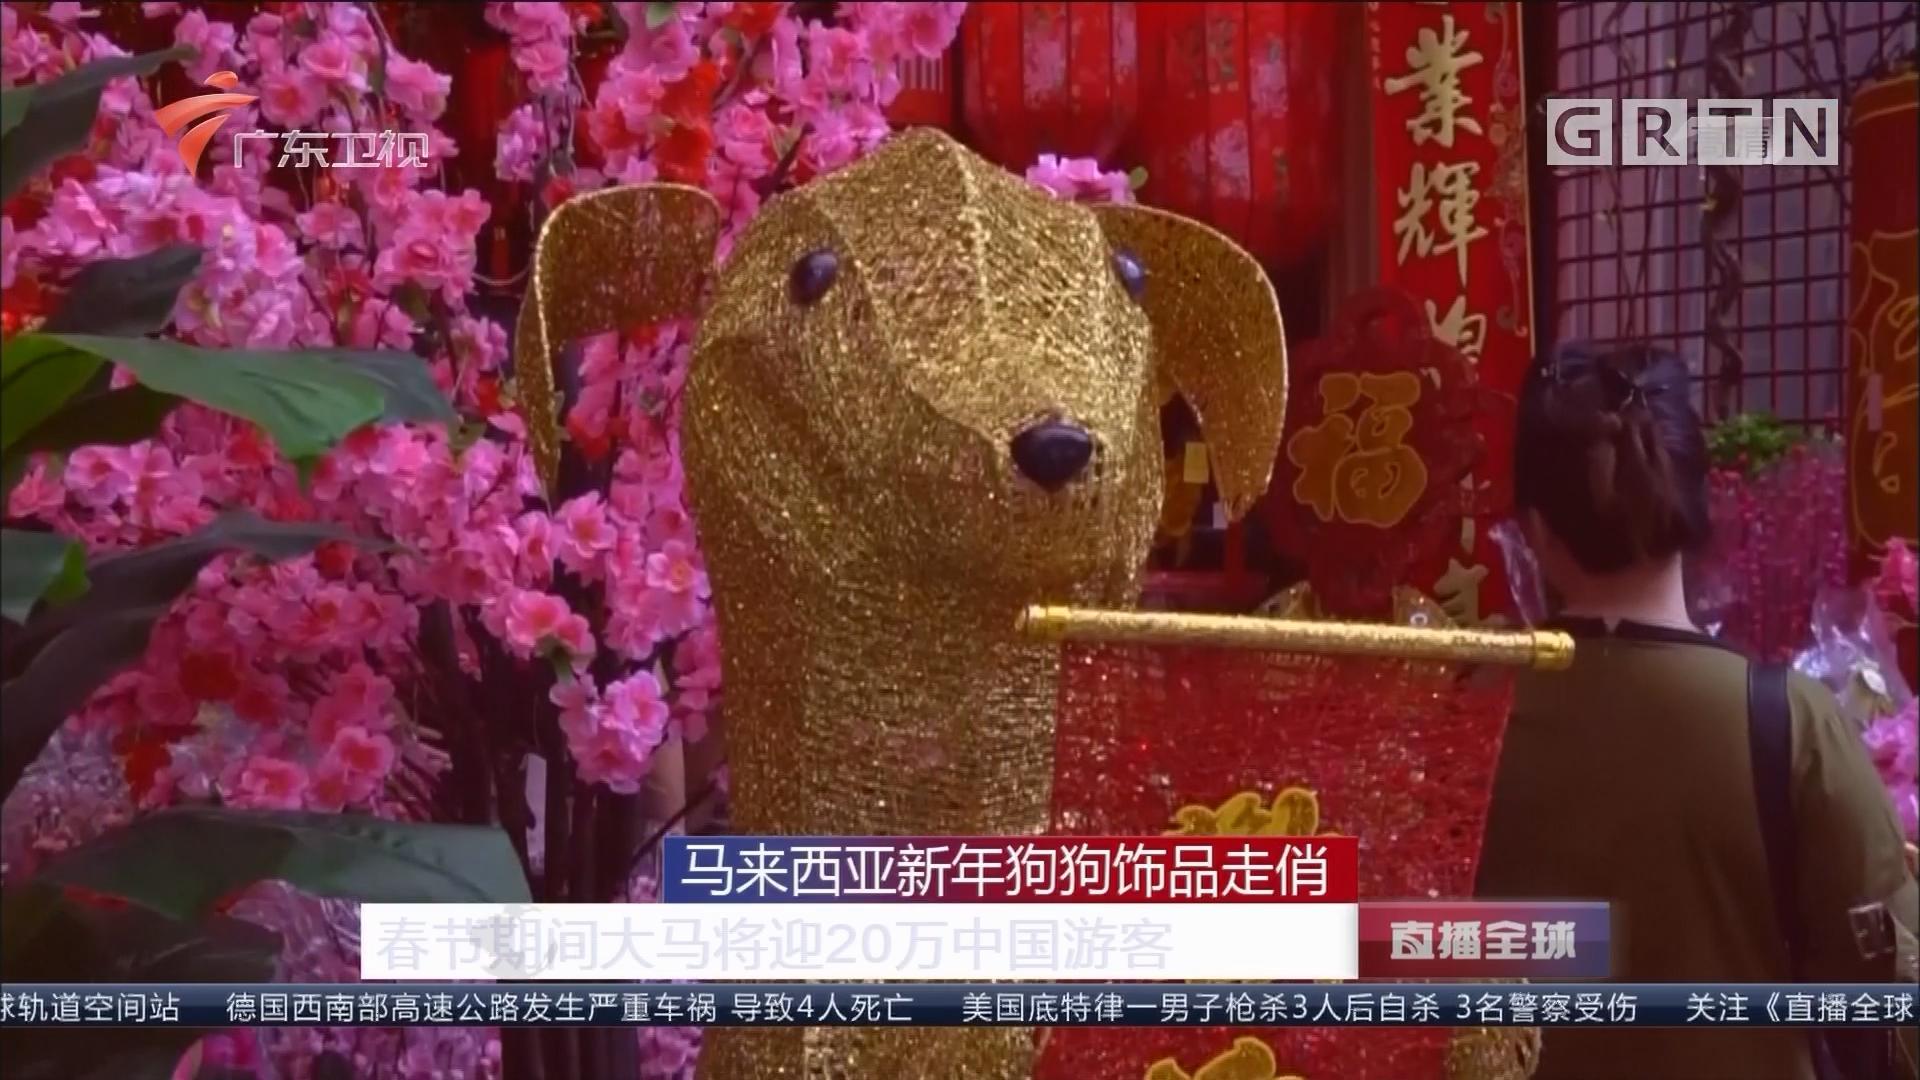 马来西亚新年狗狗饰品走俏:年味足 商家称卖到断货